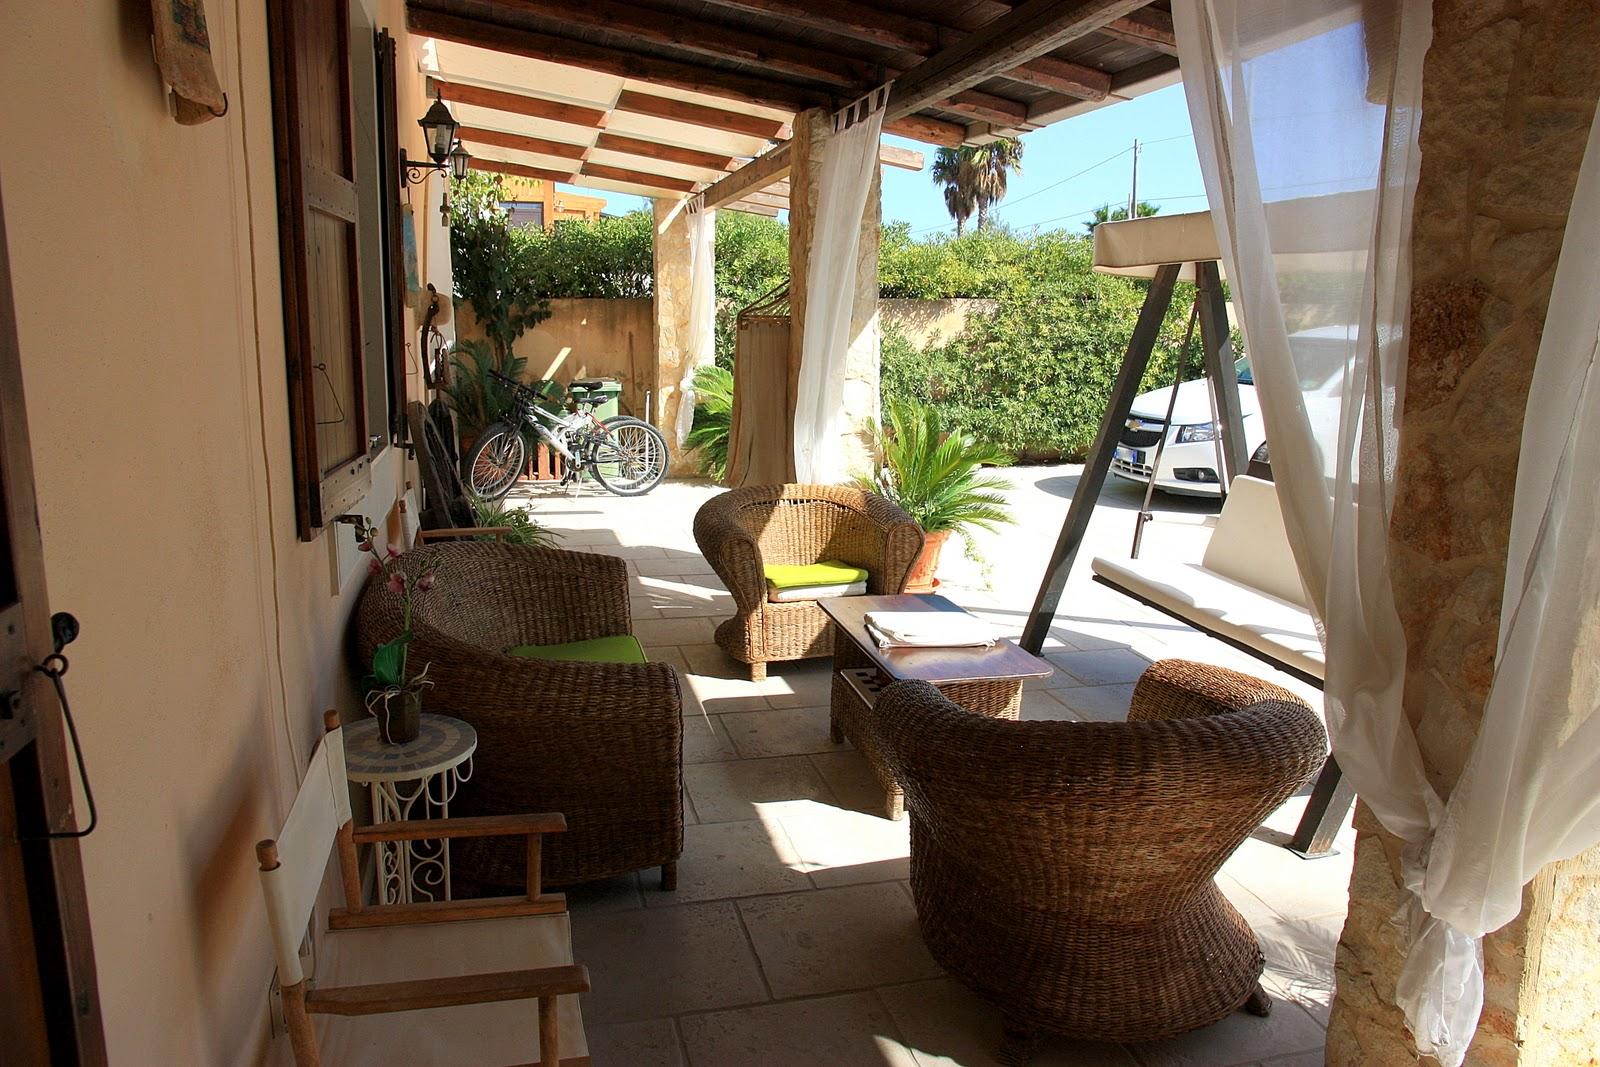 просторная прохладная терраса, с тюлевыми шторами, оборудована всеми капризами для максимального комфорта